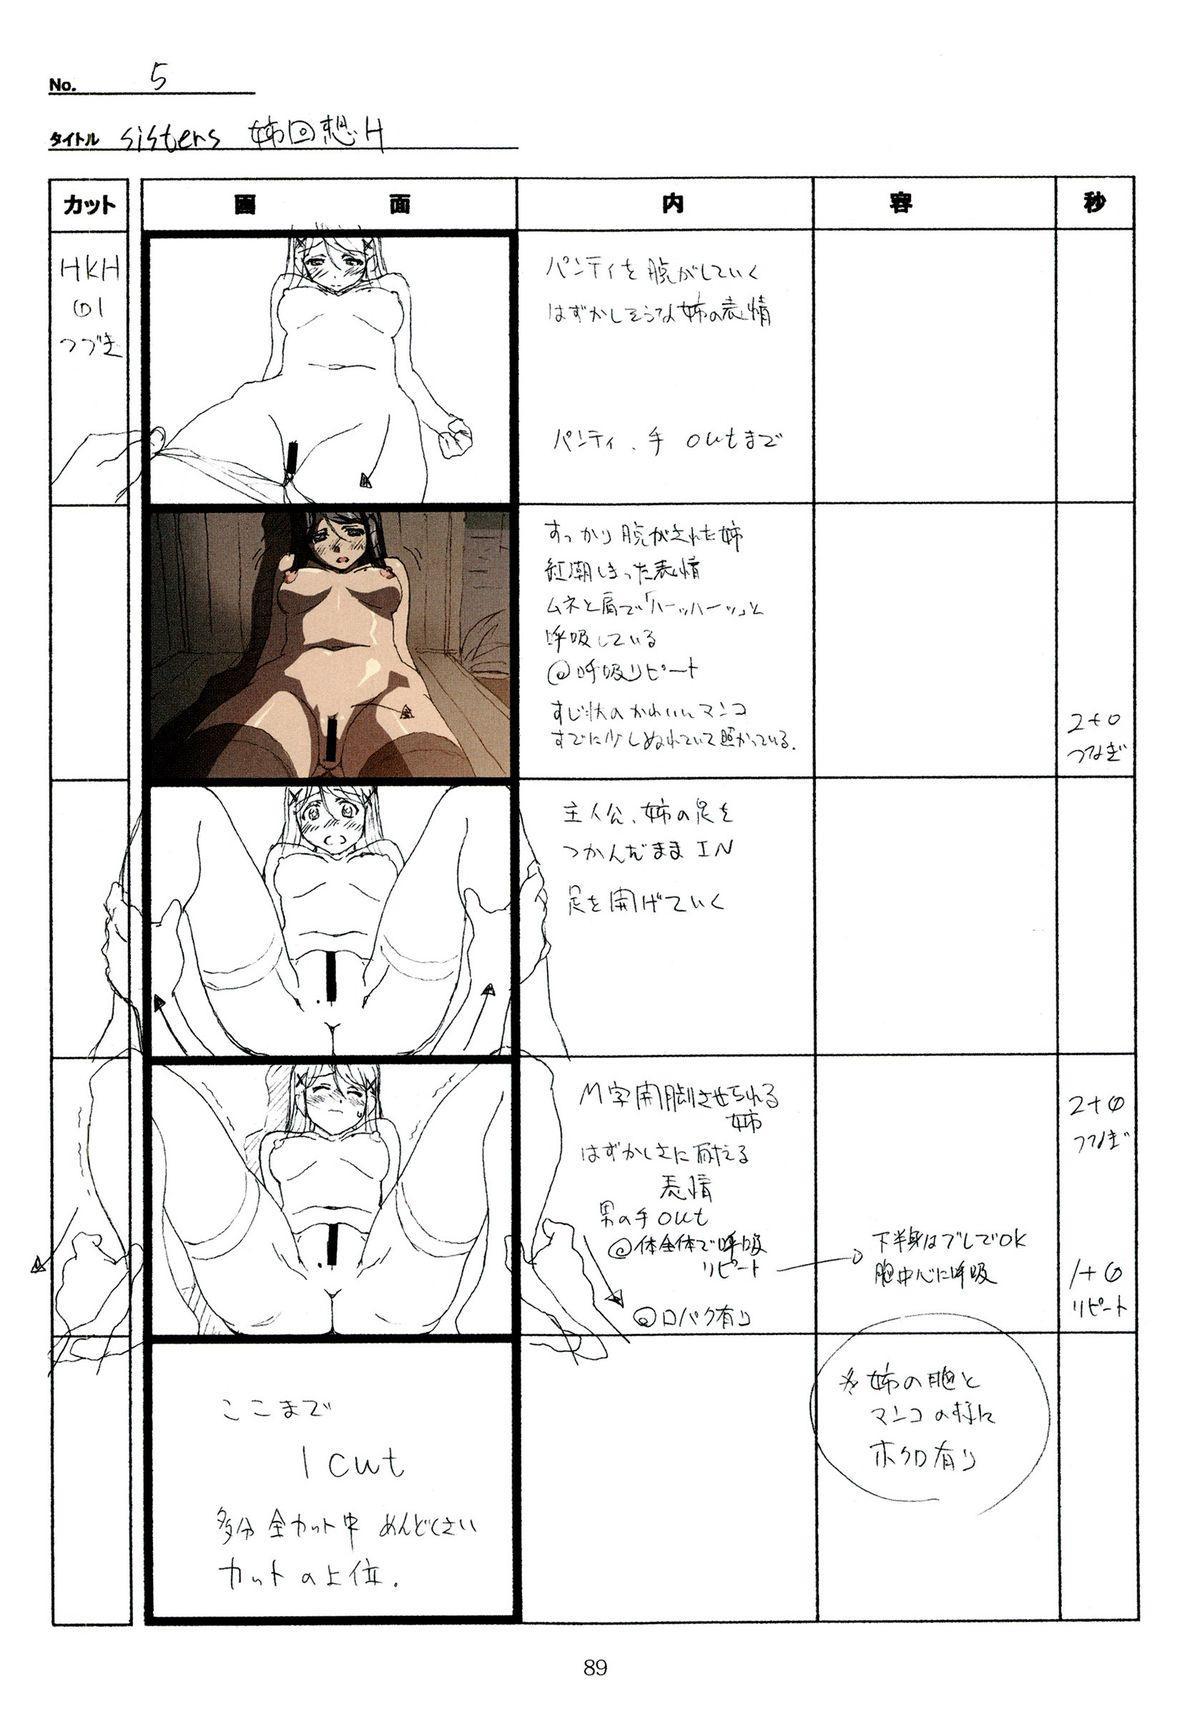 (C89) [Makino Jimusho (Taki Minashika)] SISTERS -Natsu no Saigo no Hi- H Scene All Part Storyboard (SISTERS -Natsu no Saigo no Hi-) 88